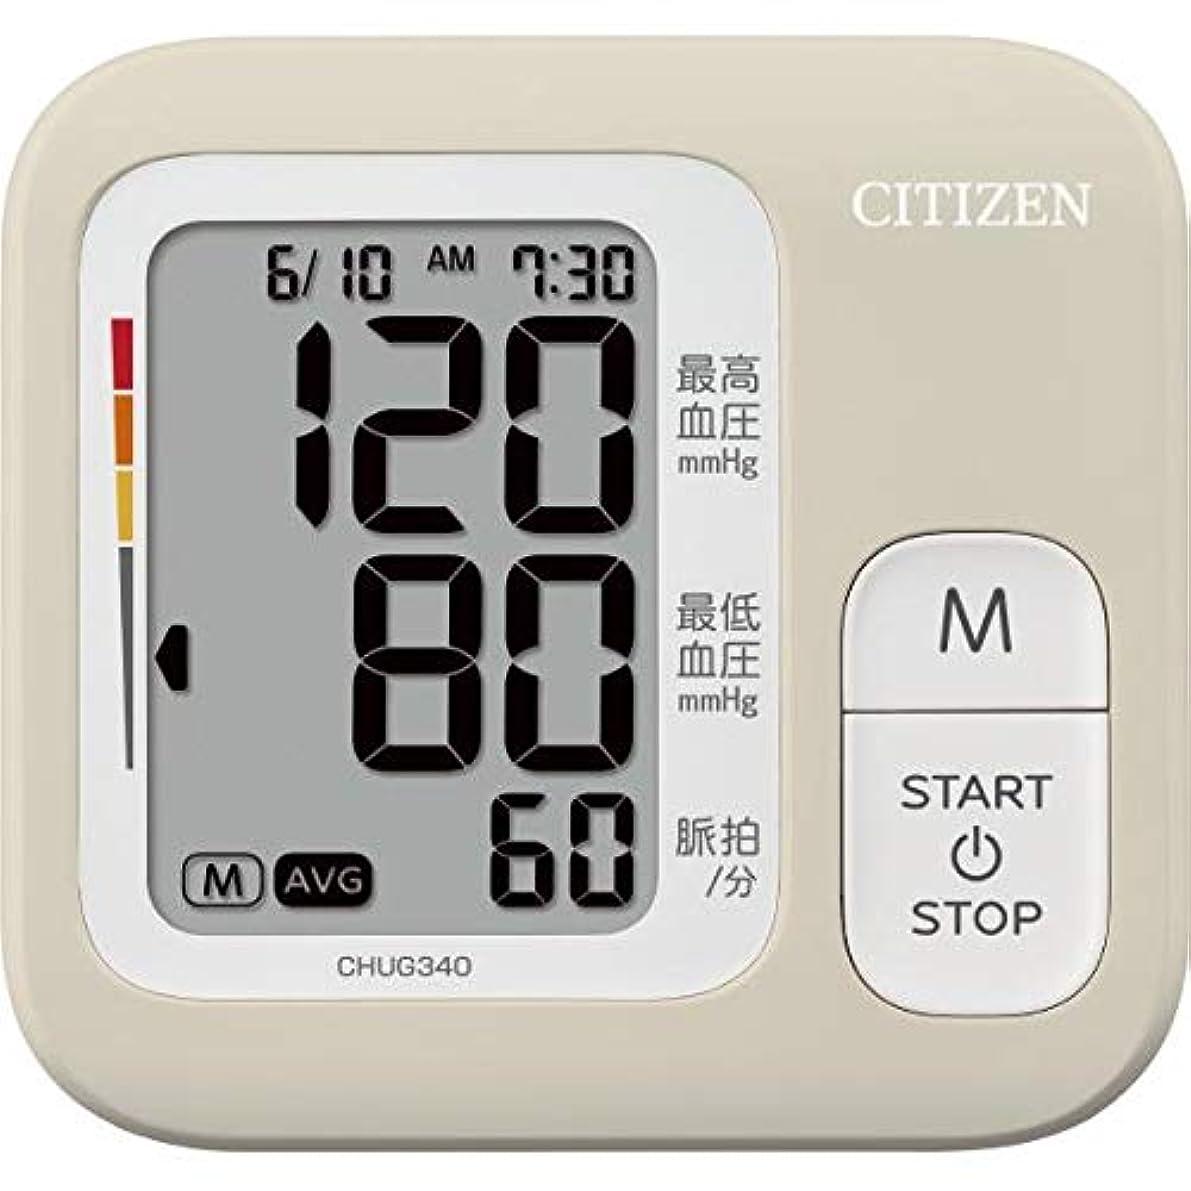 シチズン 上腕式血圧計 エディオンオリジナル ベージュ CHUG340